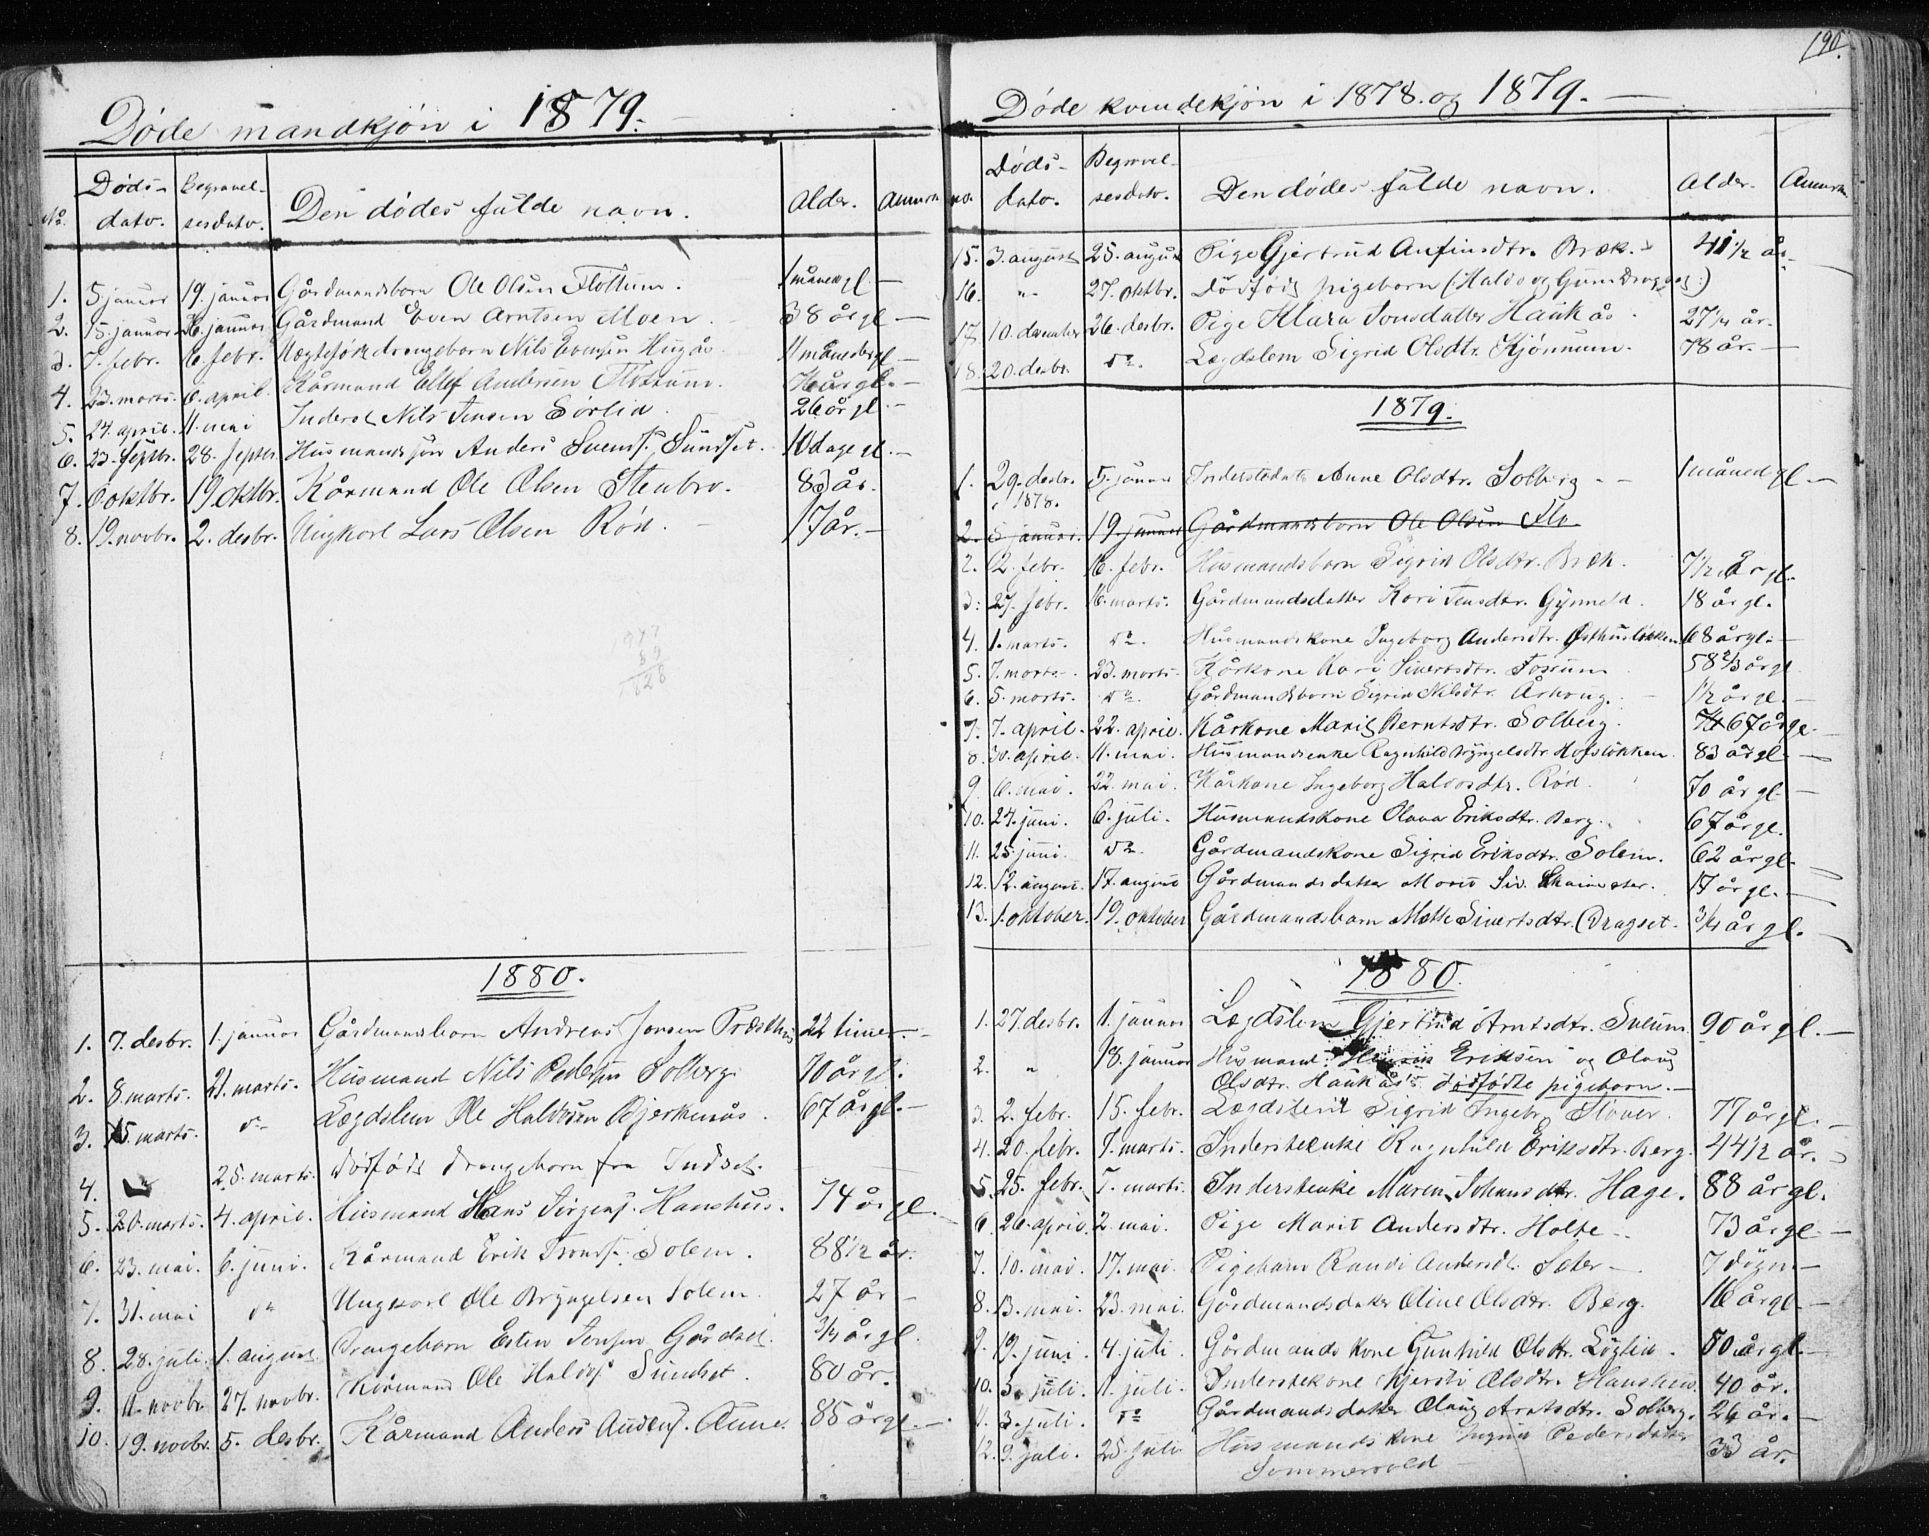 SAT, Ministerialprotokoller, klokkerbøker og fødselsregistre - Sør-Trøndelag, 689/L1043: Klokkerbok nr. 689C02, 1816-1892, s. 190